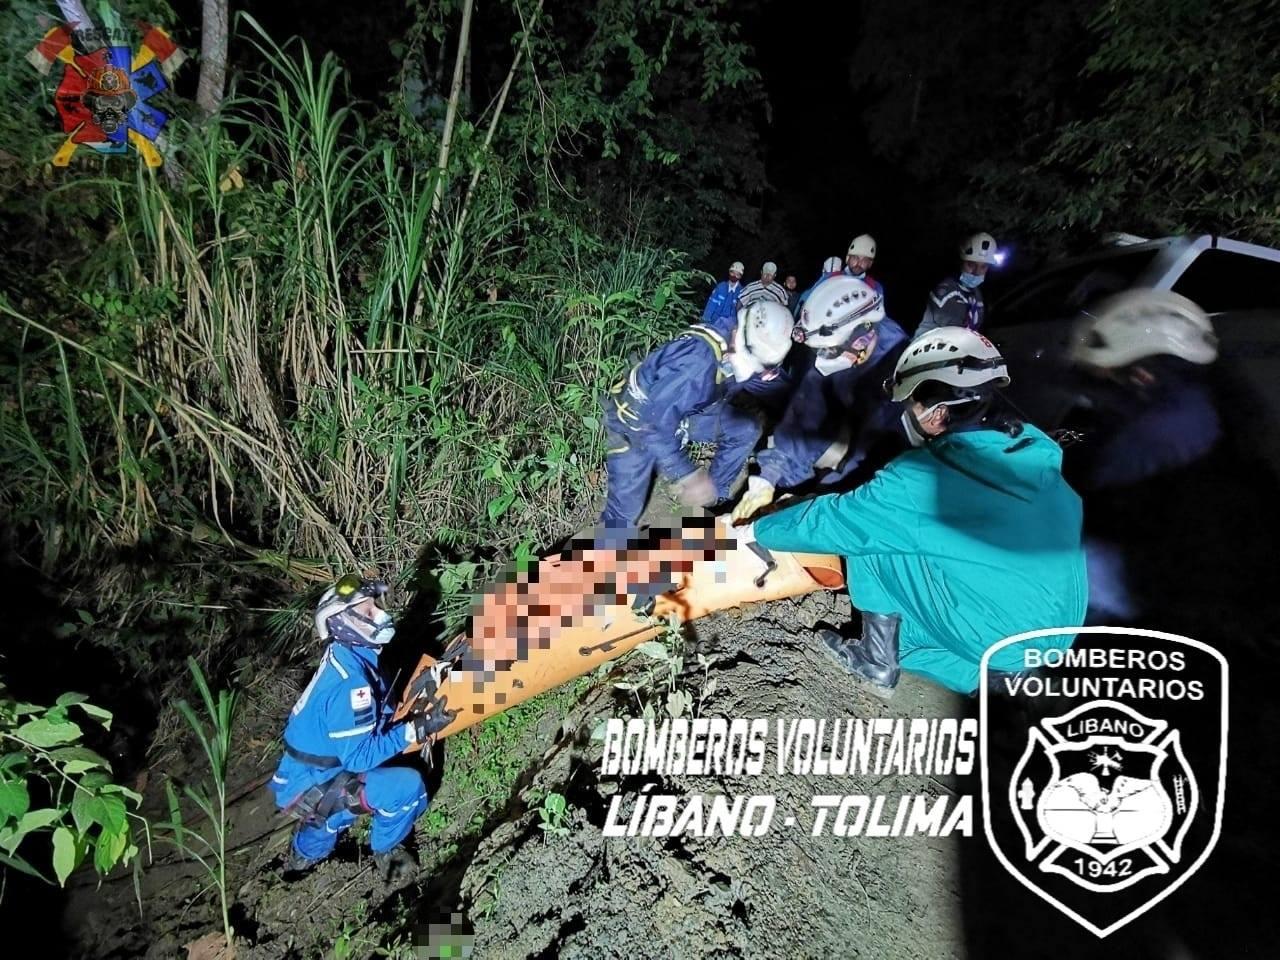 Dos muertos y dos heridos dejó caída de campero por un abismo